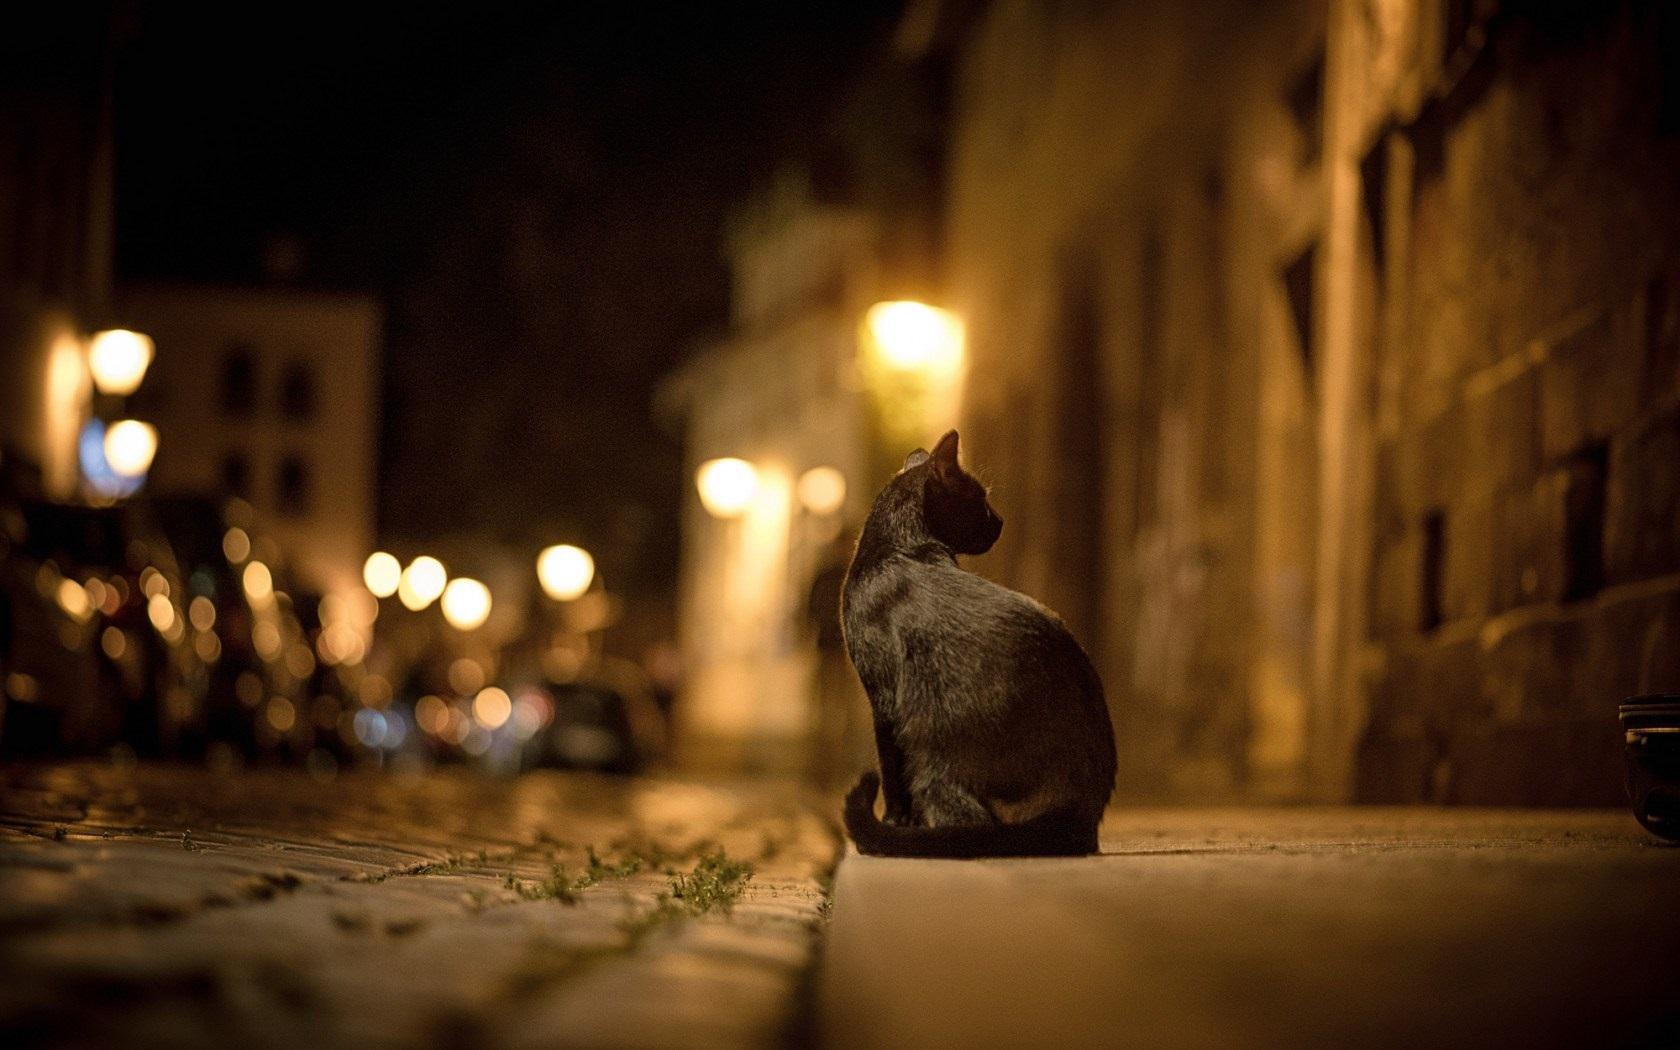 Сьогодні у Європі святкують Міжнародний День кота - тварина, коти, Європа - Black cat at street night 1680x1050